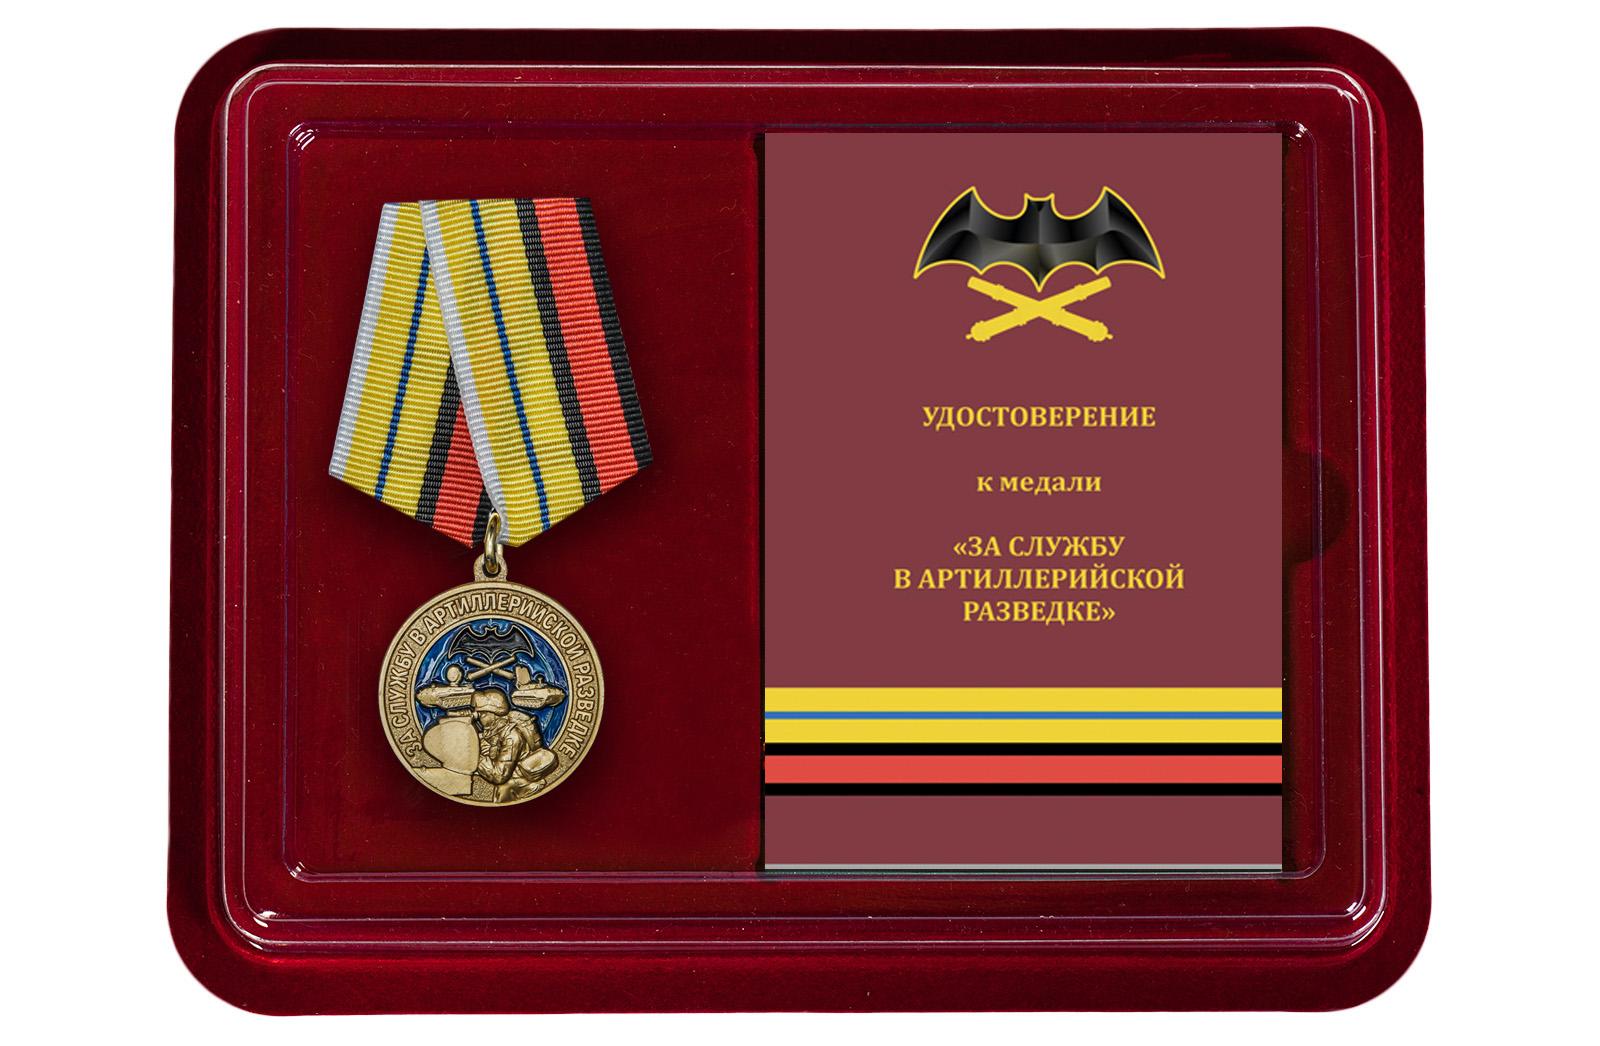 Купить медаль За службу в артиллерийской разведке в подарок с доставкой